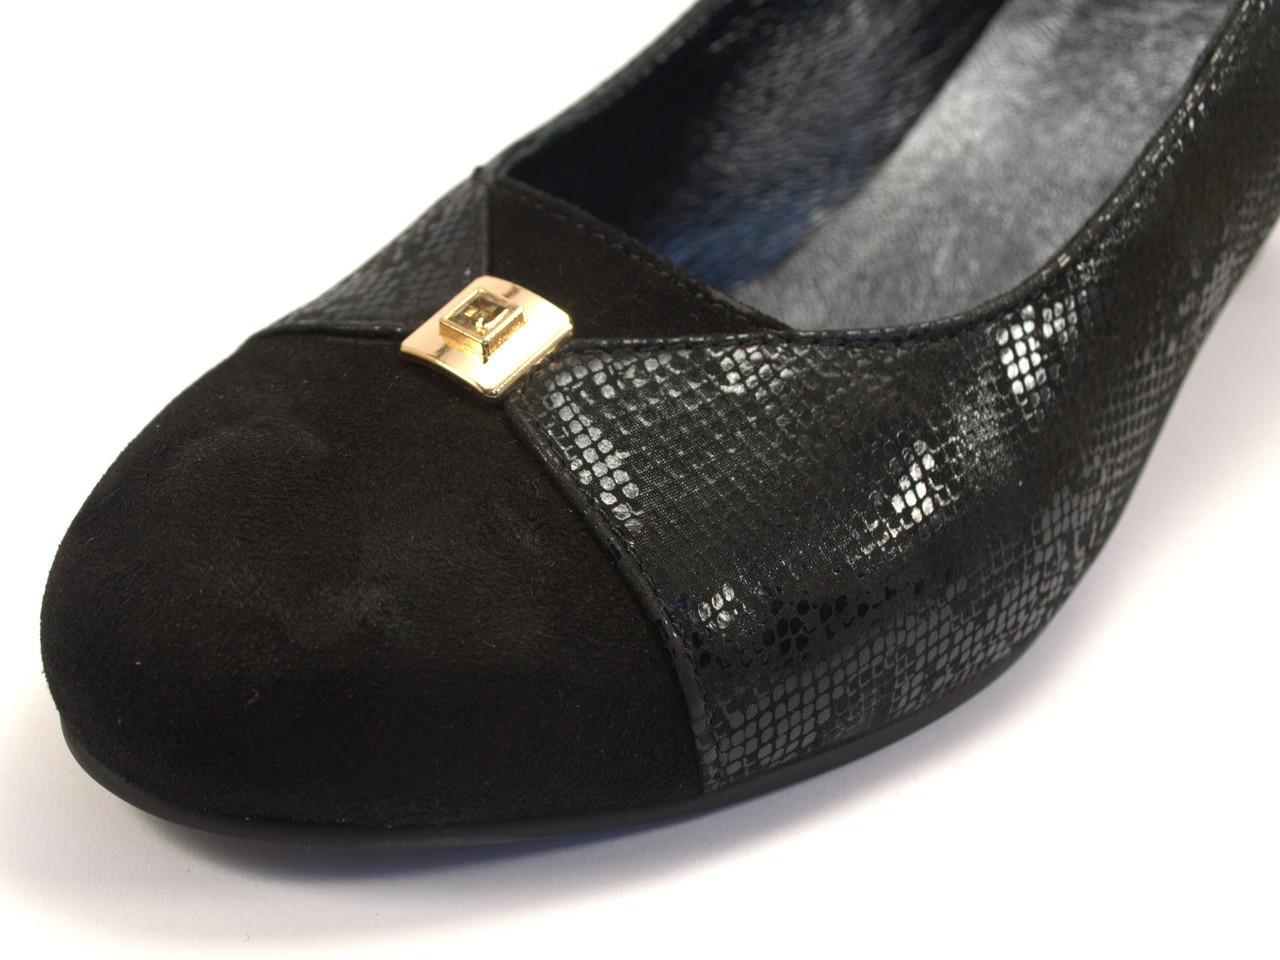 Туфли лодочка большой размер женская обувь Pyra Gold BS Black Lether Scales by Rosso Avangard кожаные